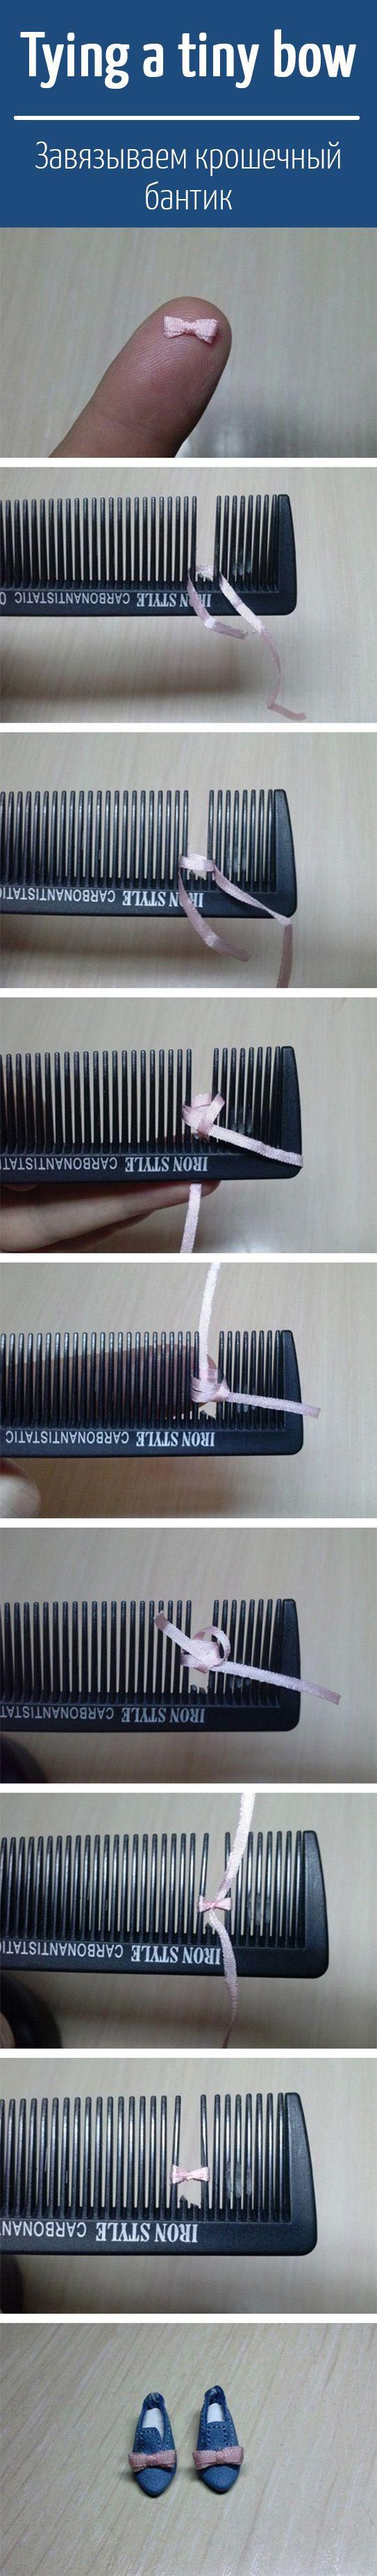 Tying a tiny bow tutorial / Завязываем миниатюрный бантик